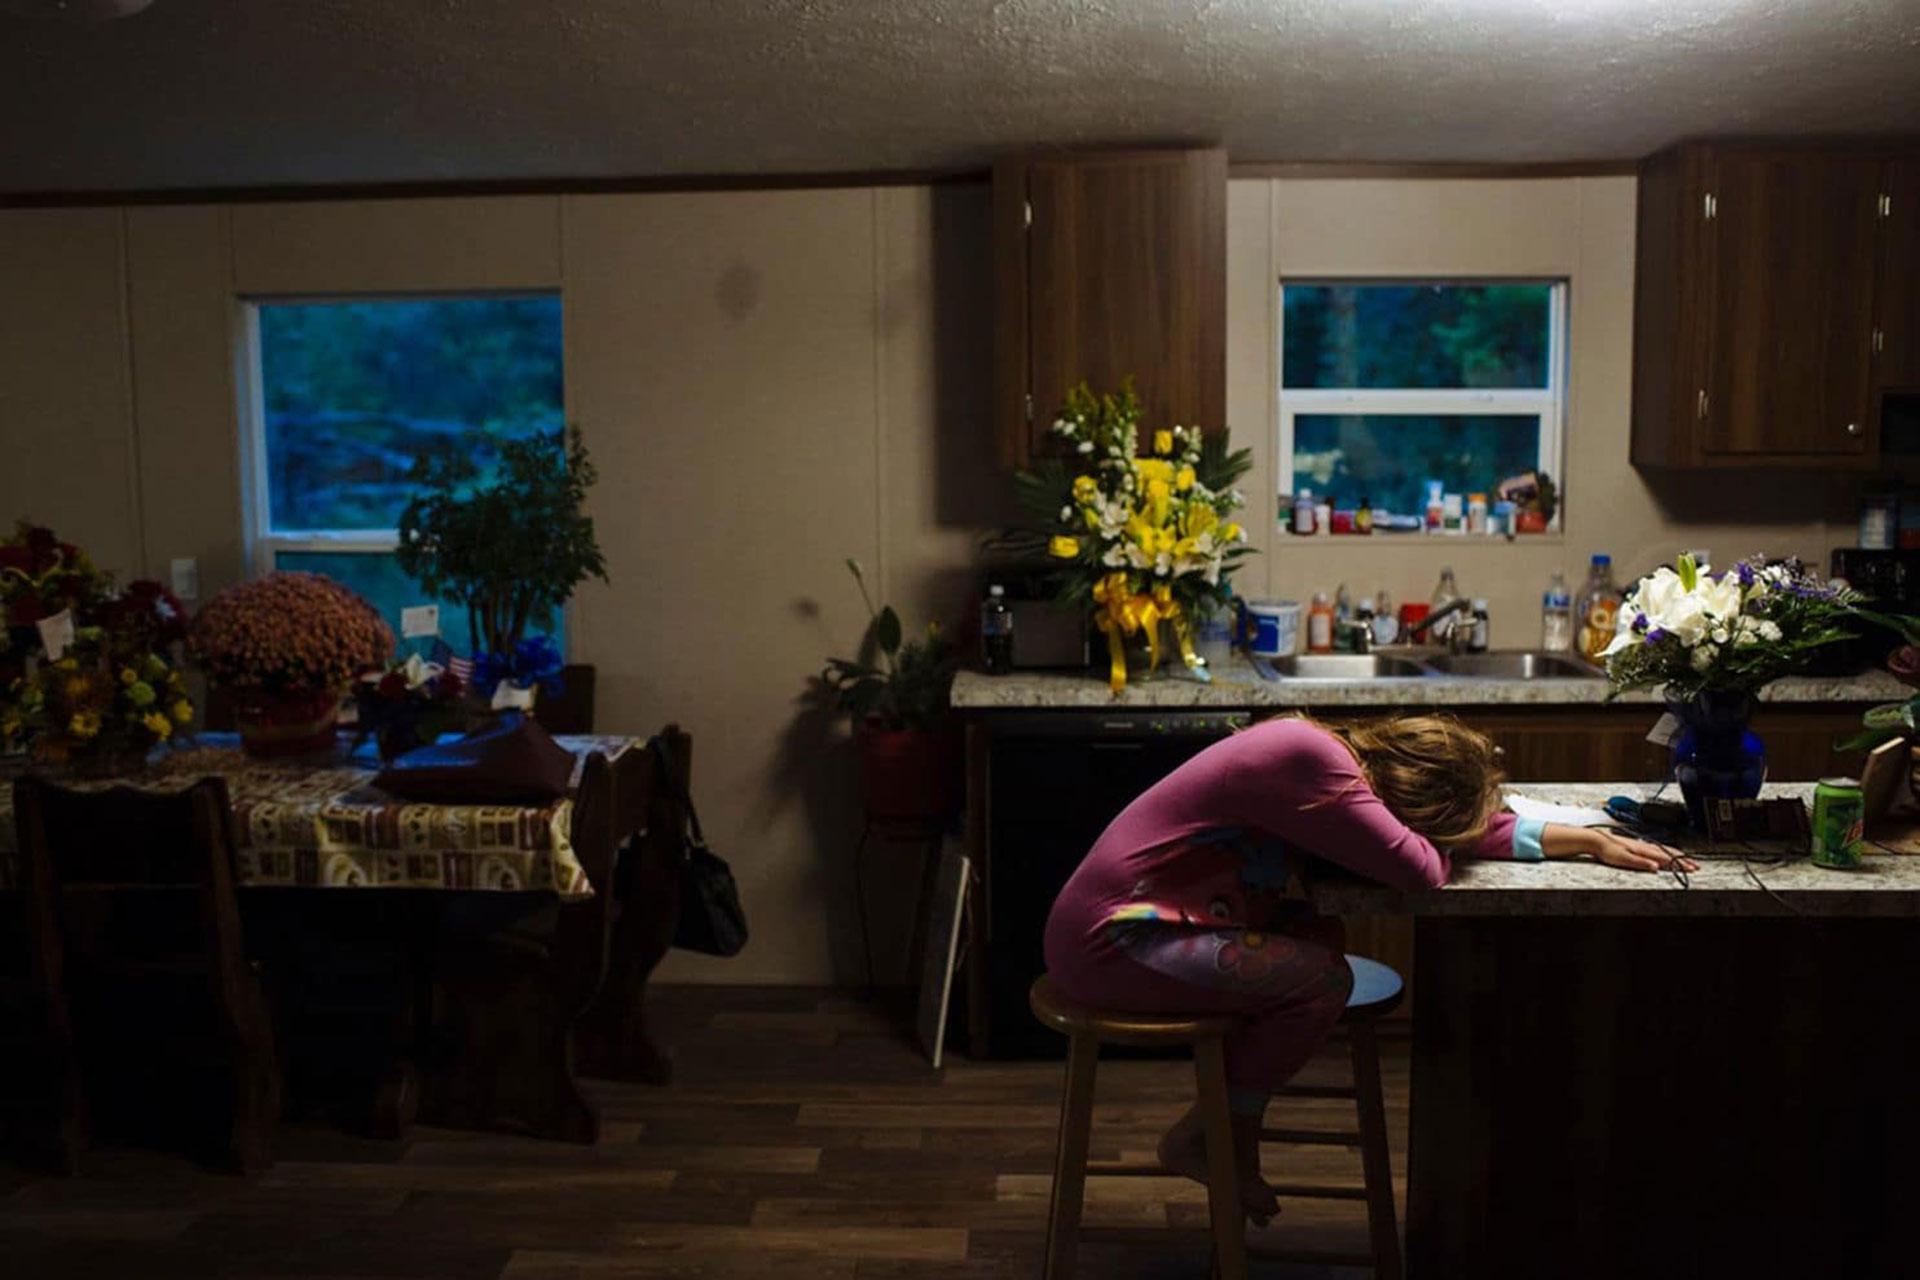 Raeleigh apoya la cabeza en el mostrador de la cocina de su bisabuela la mañana después del funeral de su bisabuelo. Temía regresar a la escuela tras tomarse varios días de descanso por la muerte (Angus Mordant/The Washington Post)